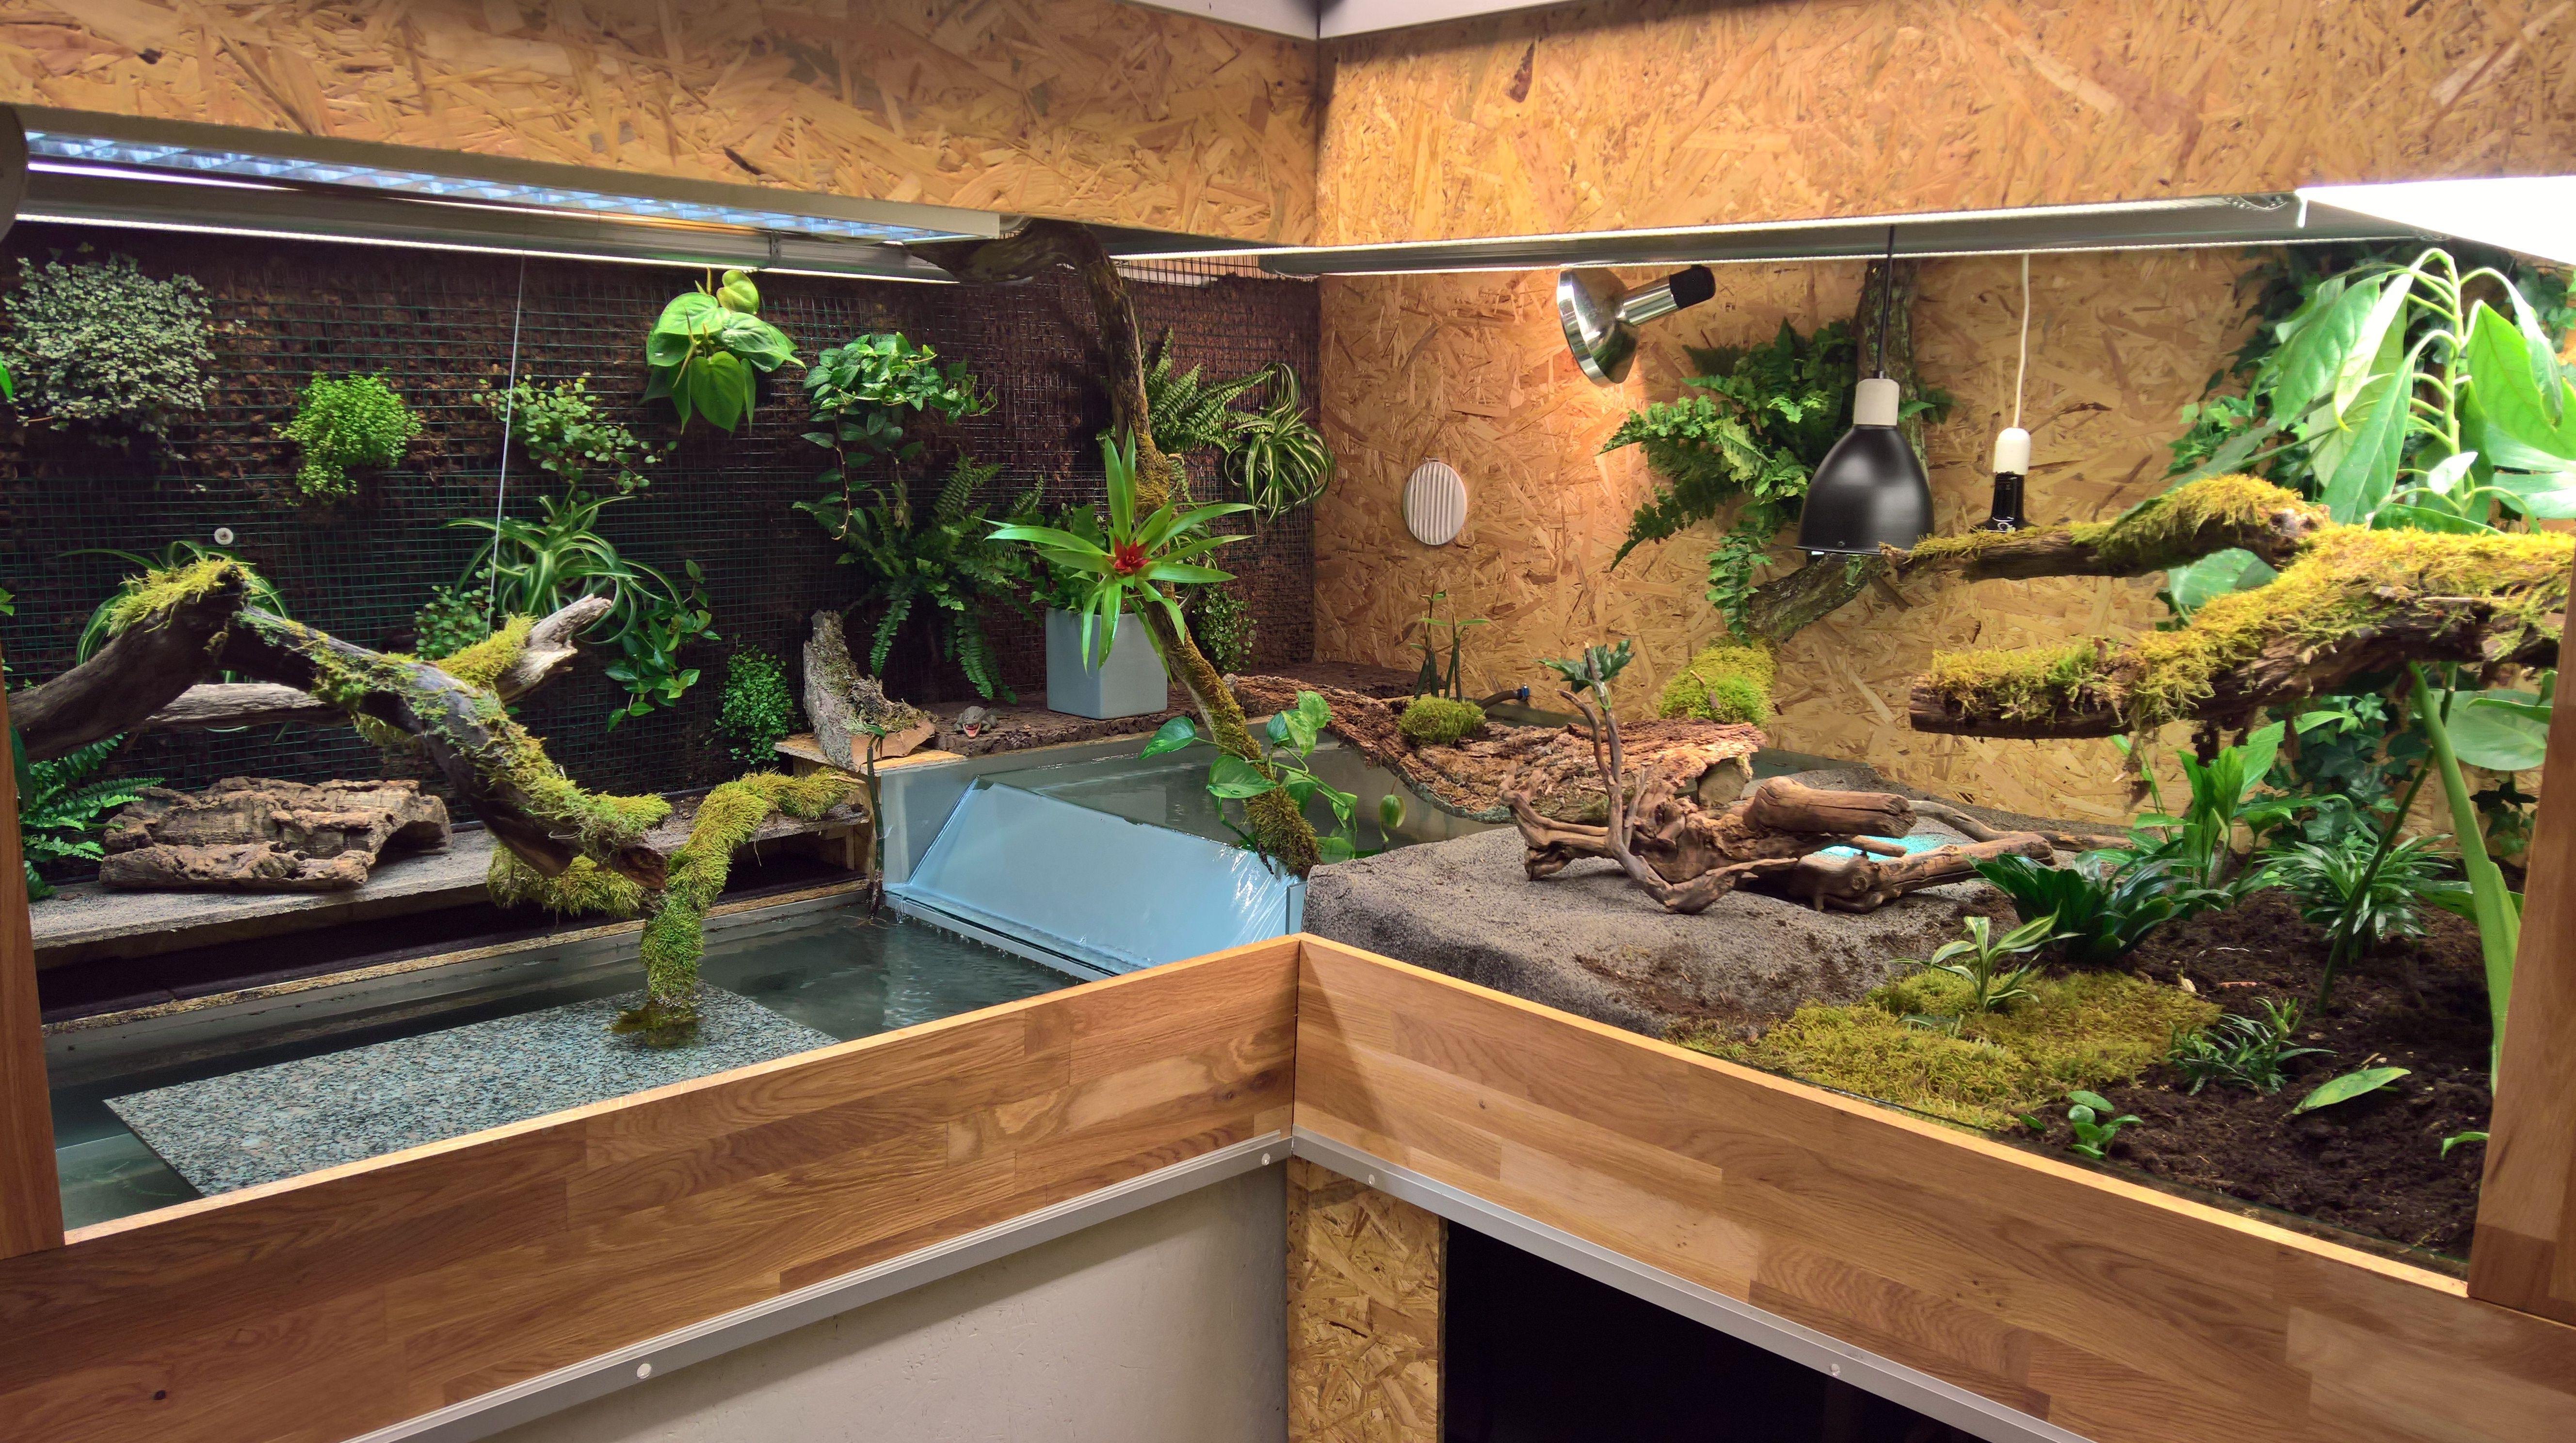 Caiman crocodilus enclosure glasögonkajman terrarium croc